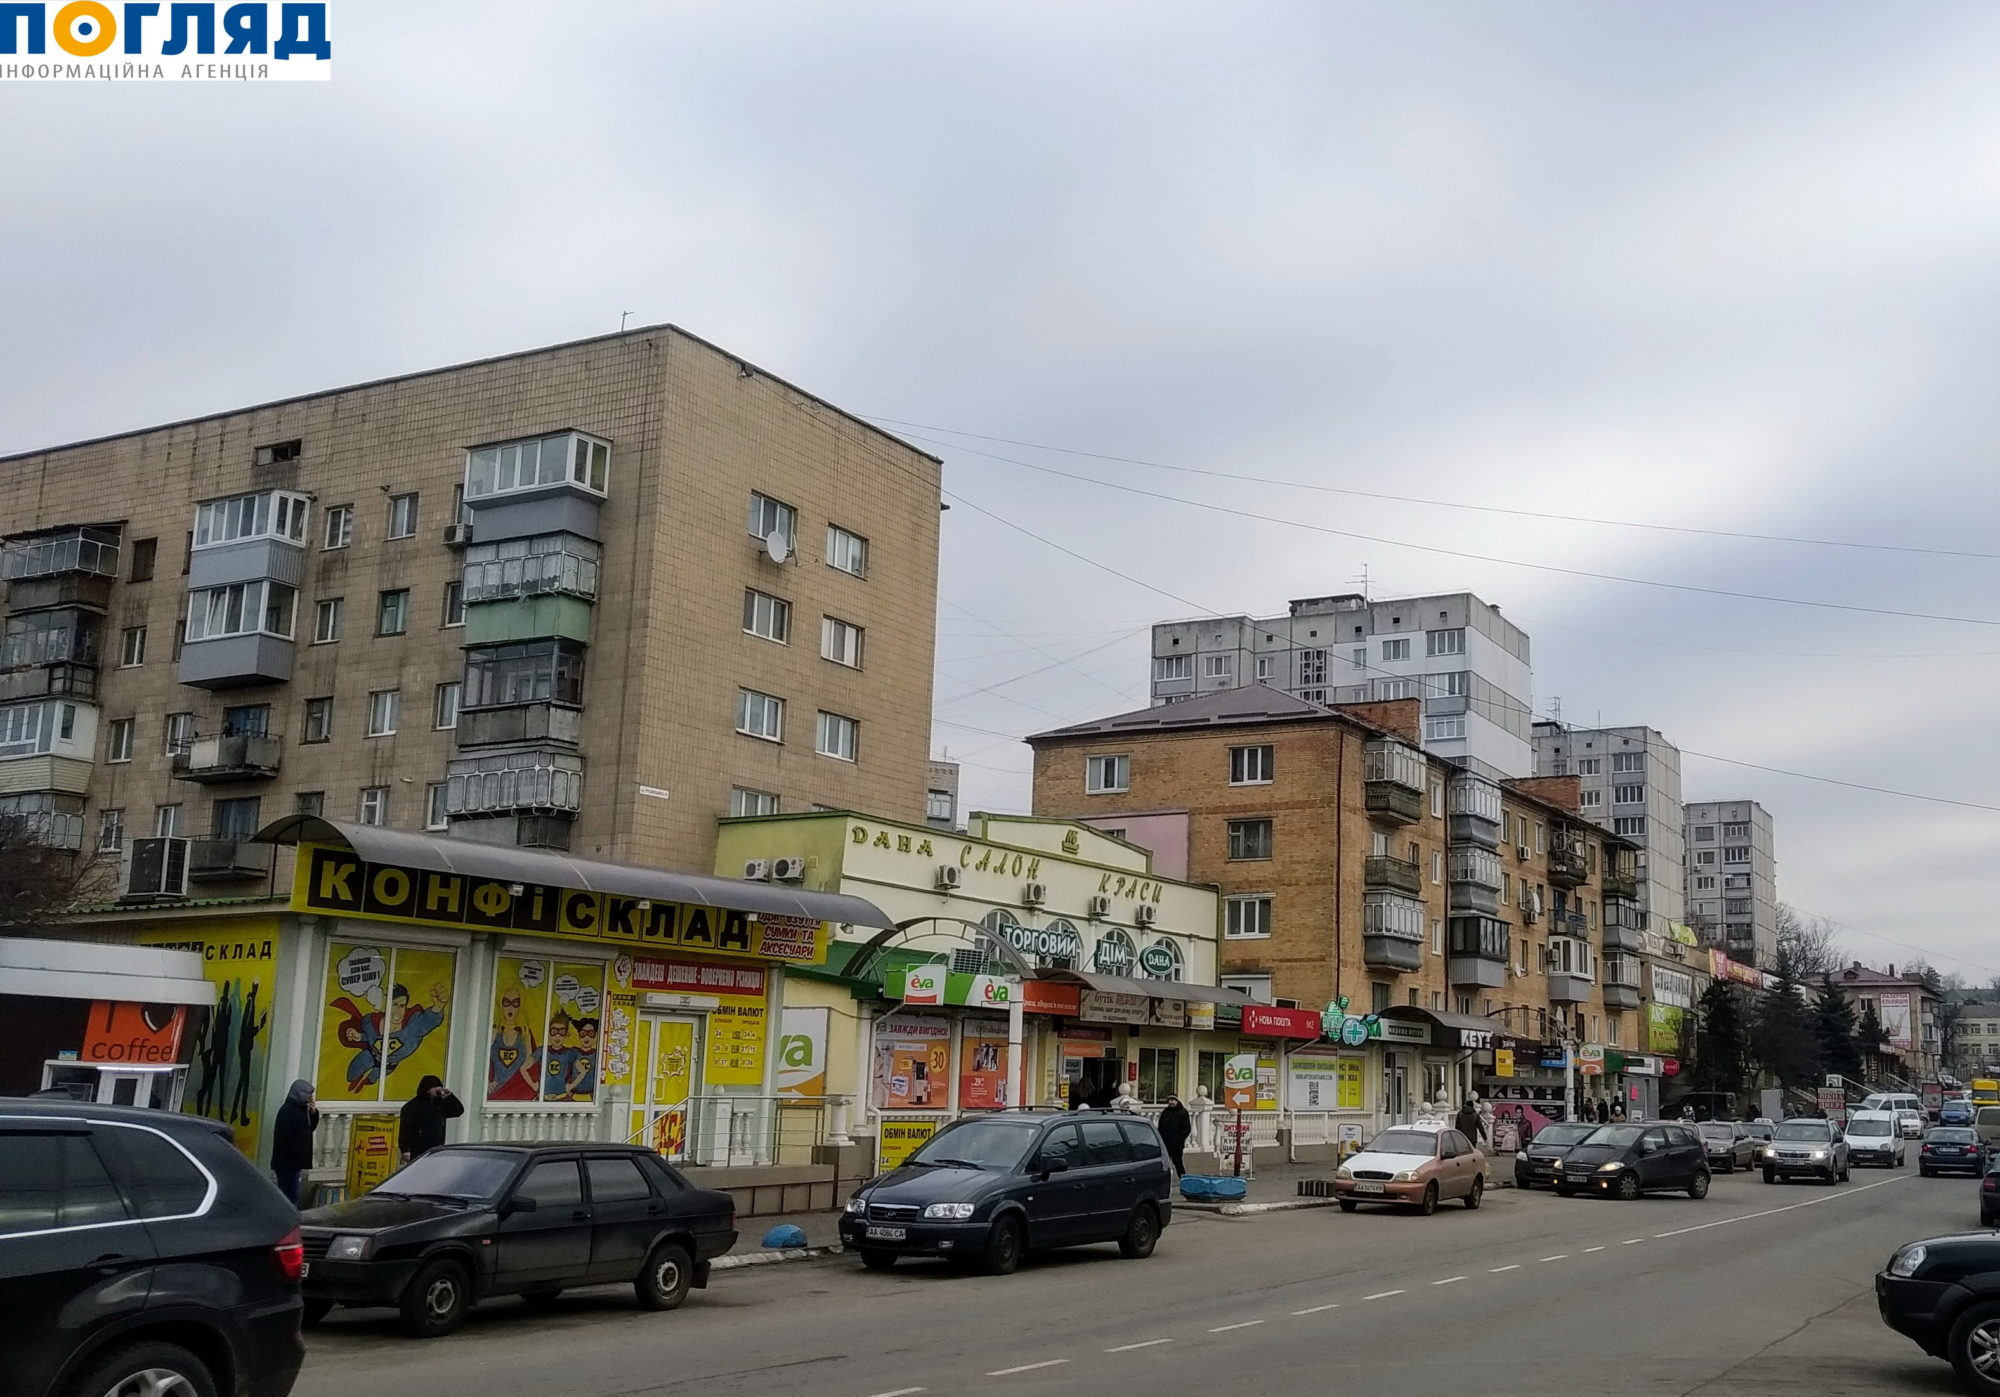 Квартирна афера у Василькові не вдалася - рішення суду, Прокуратура, квартира, Васильків, афера, Mісто - IMG 20200124 1117543 2000x1397